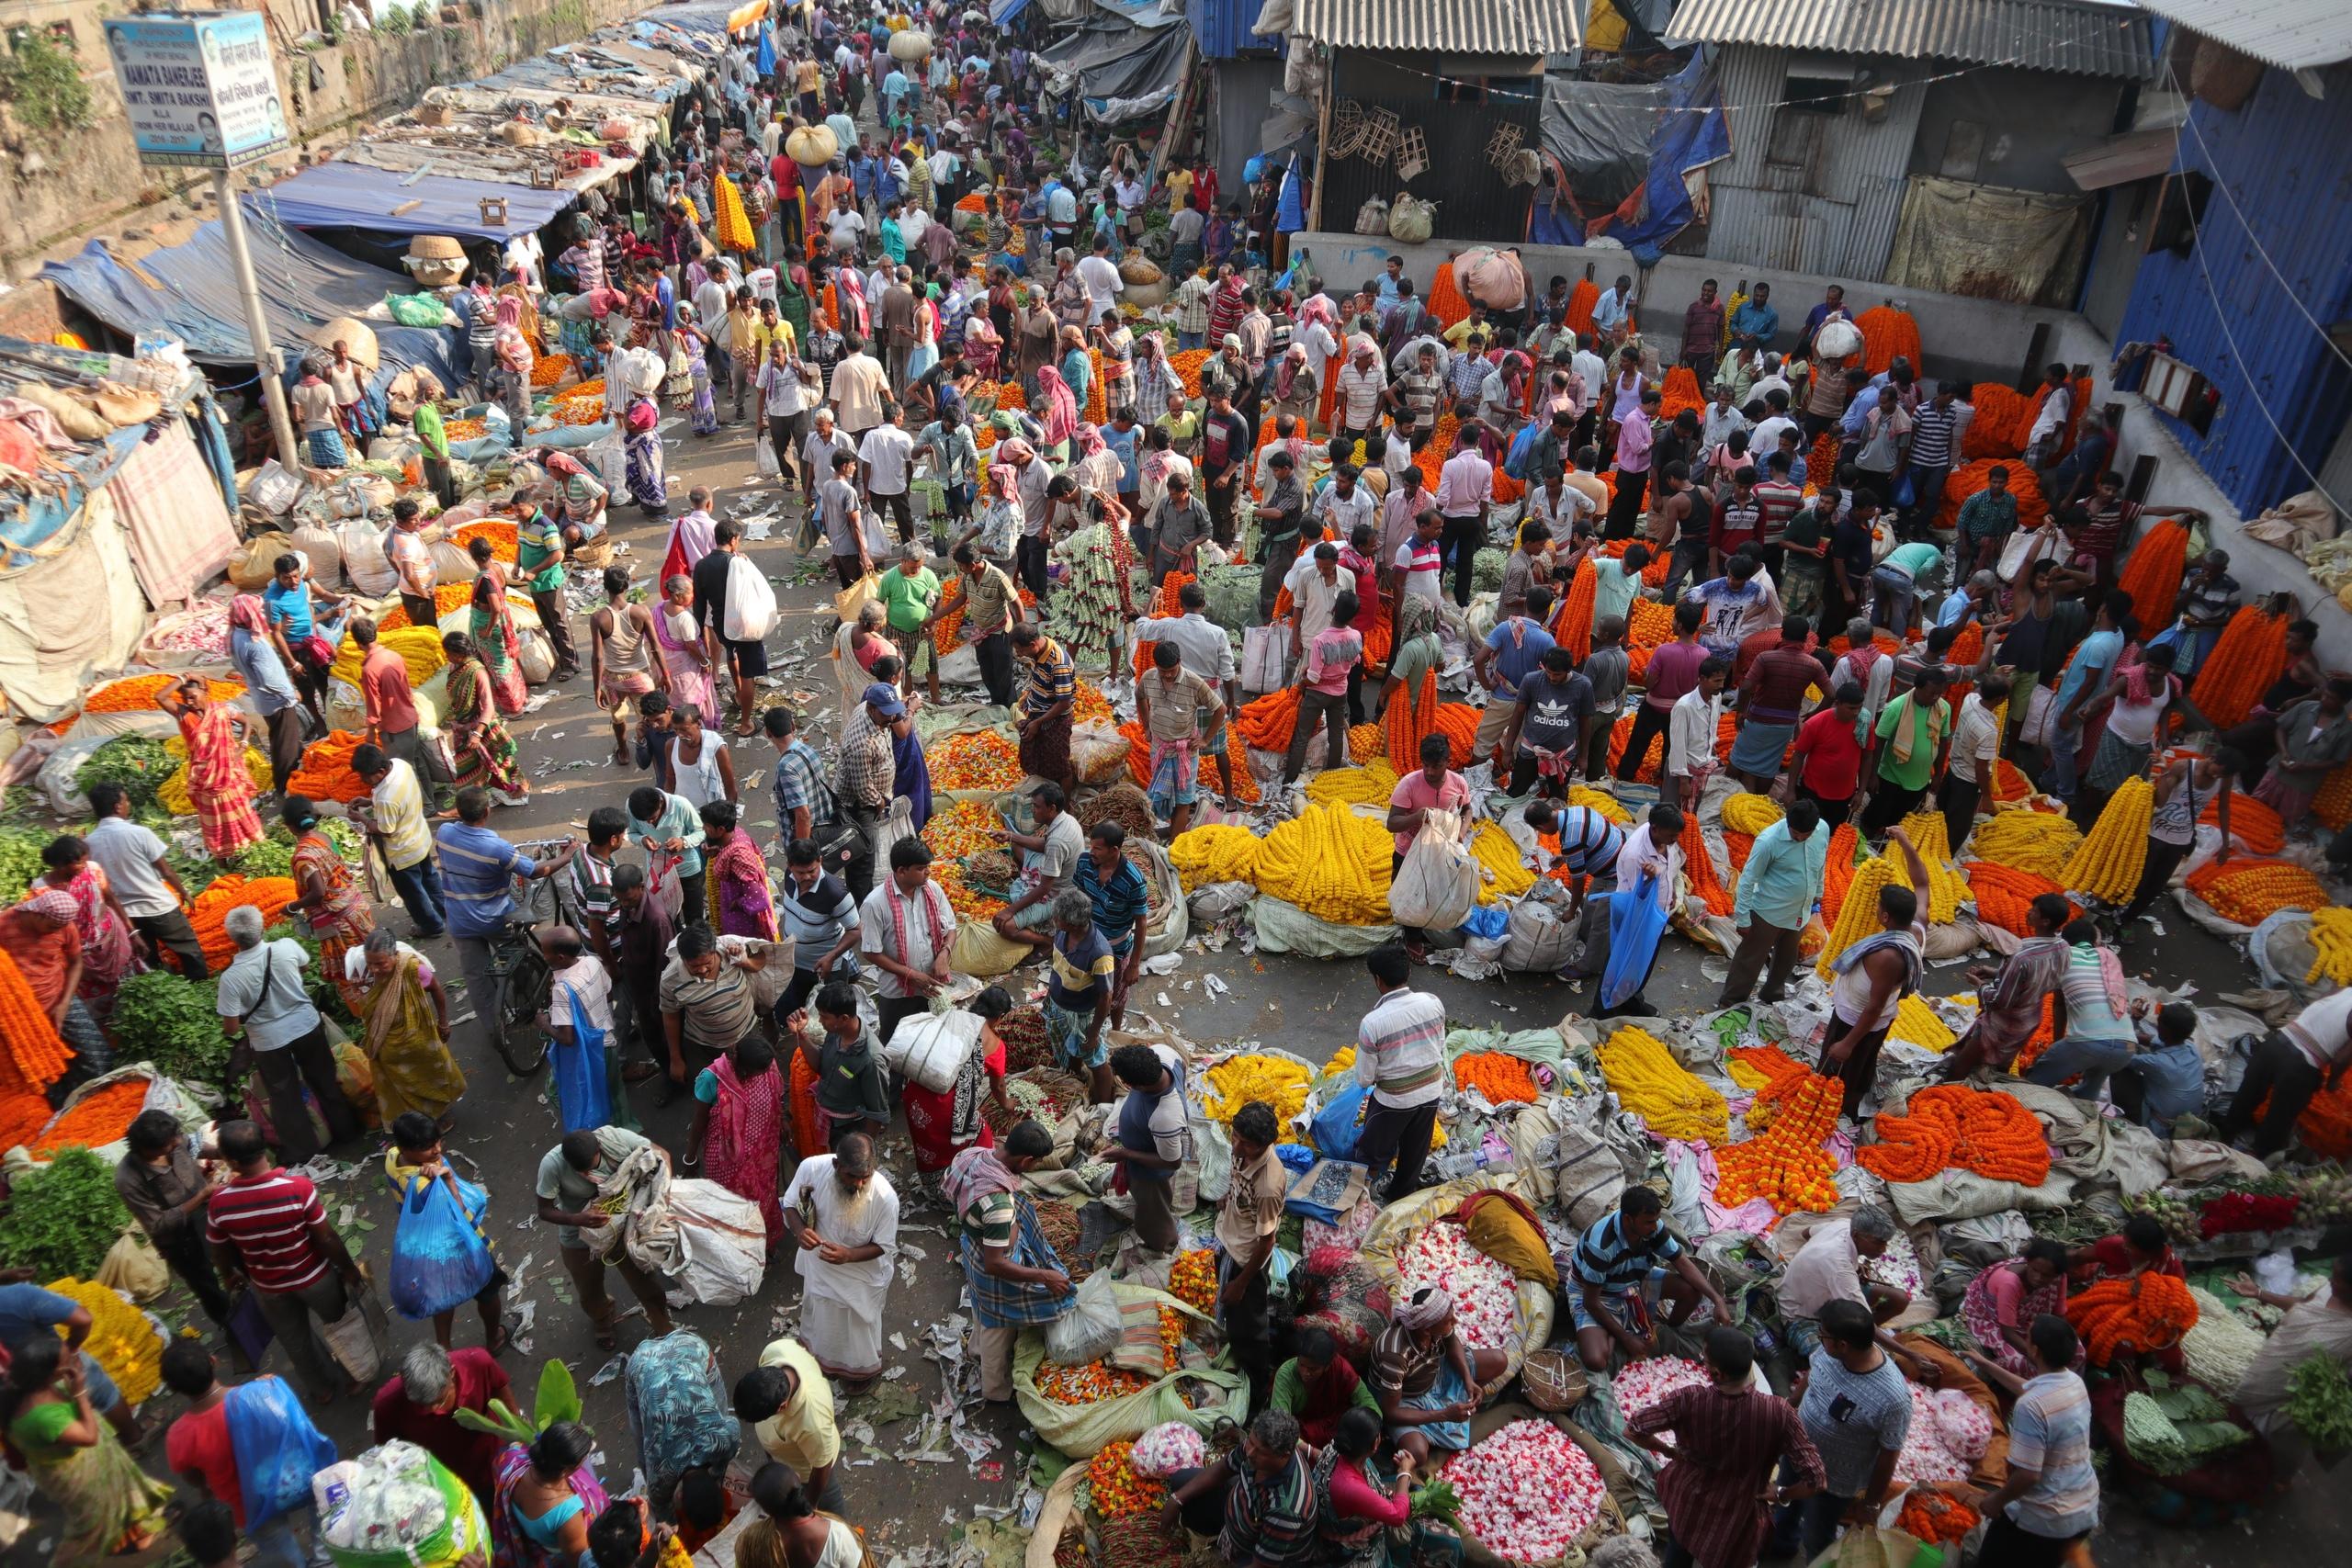 Тут в Индии что-то очень хорошо заходит ранний Гребенщиков